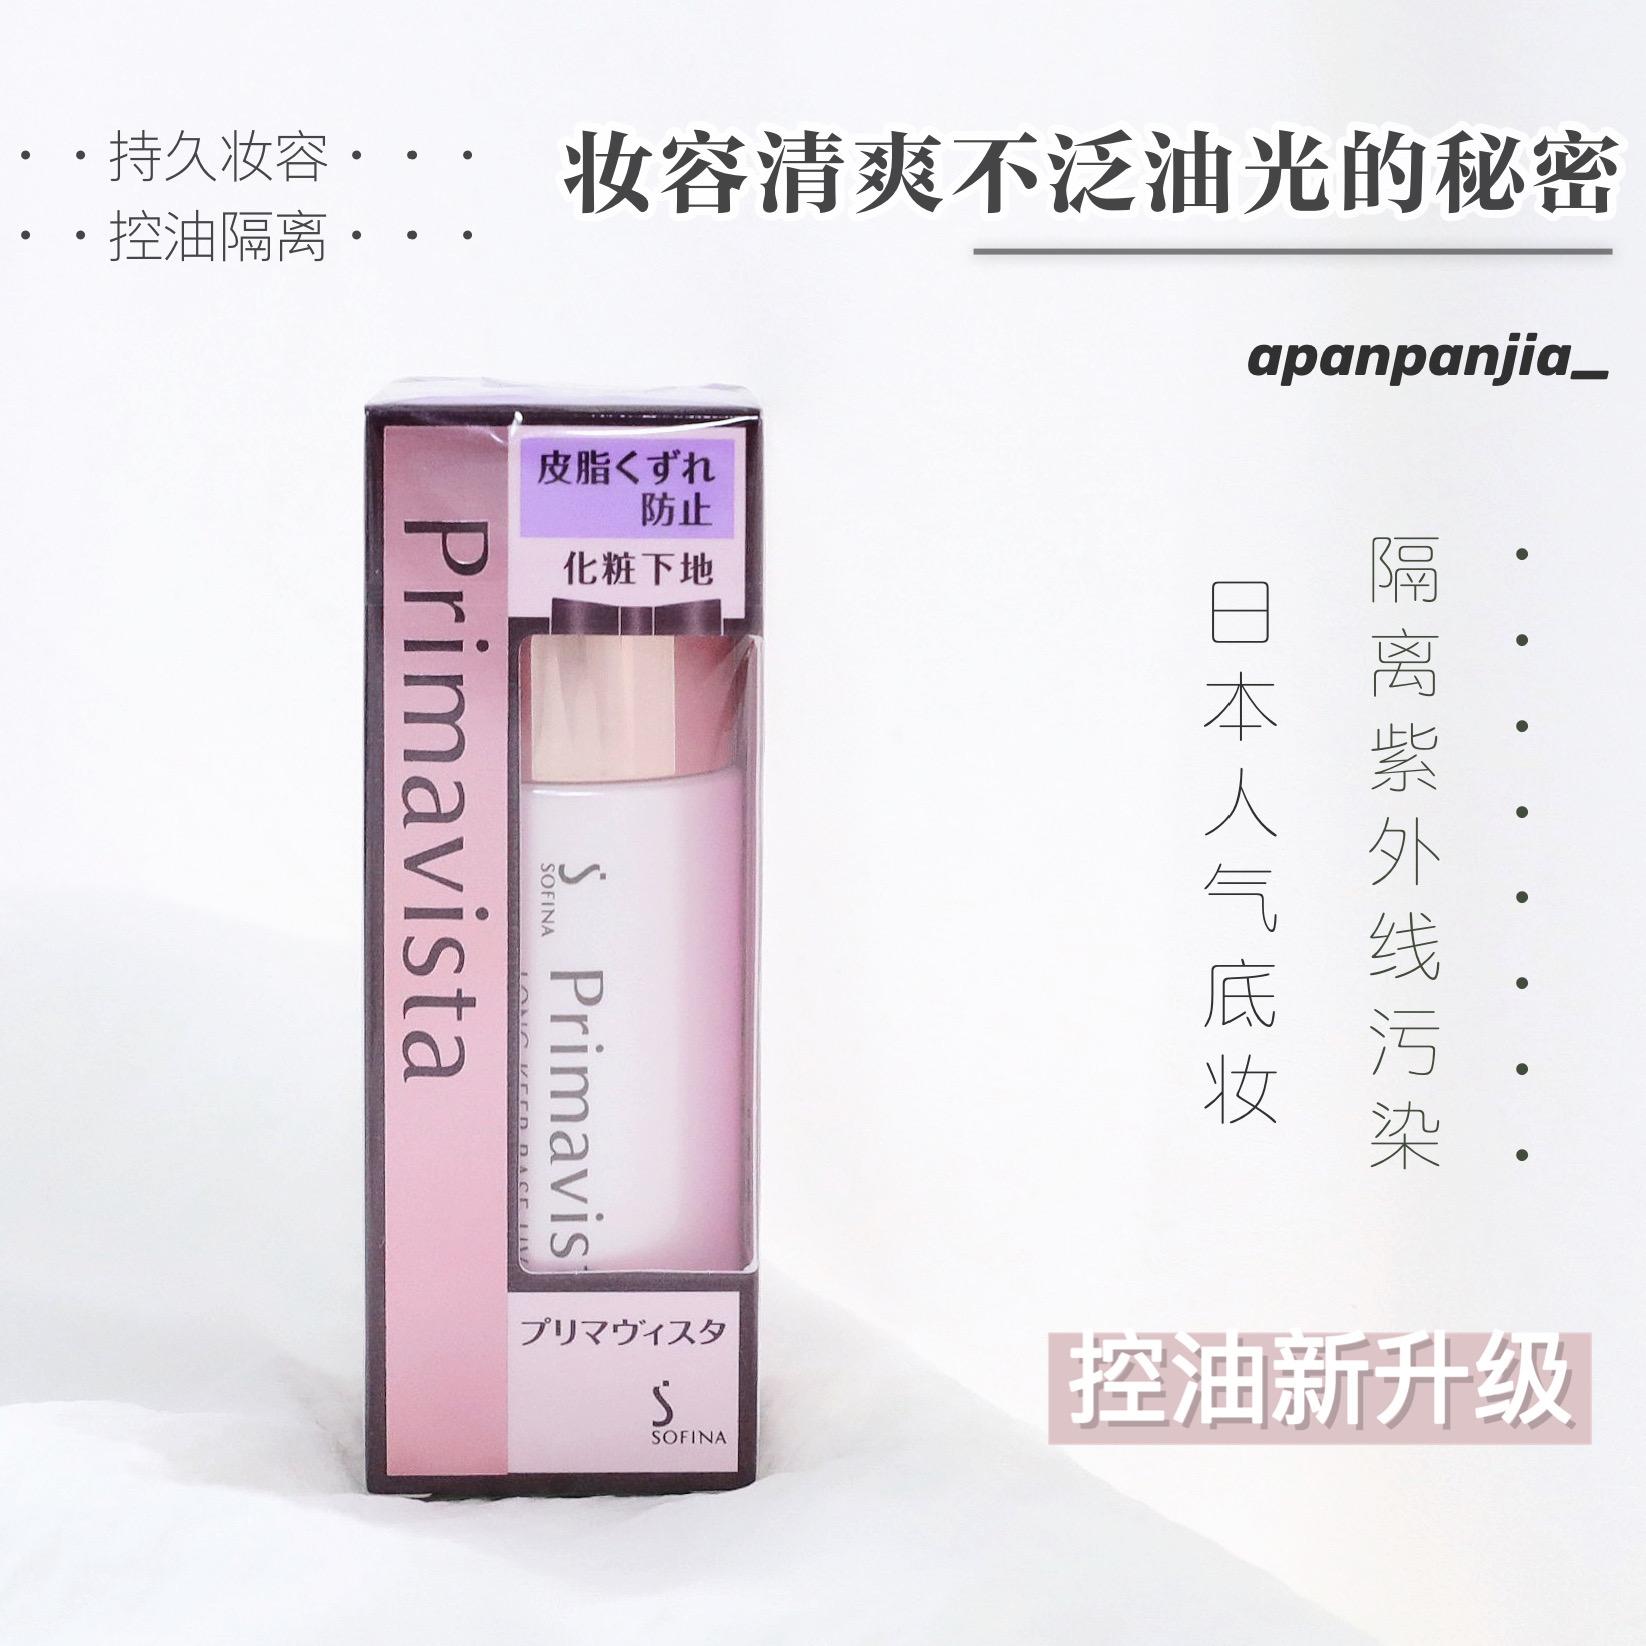 新版!Sofina苏菲娜日版控油保湿妆前乳隔离霜SPF8 瓷效持久控油